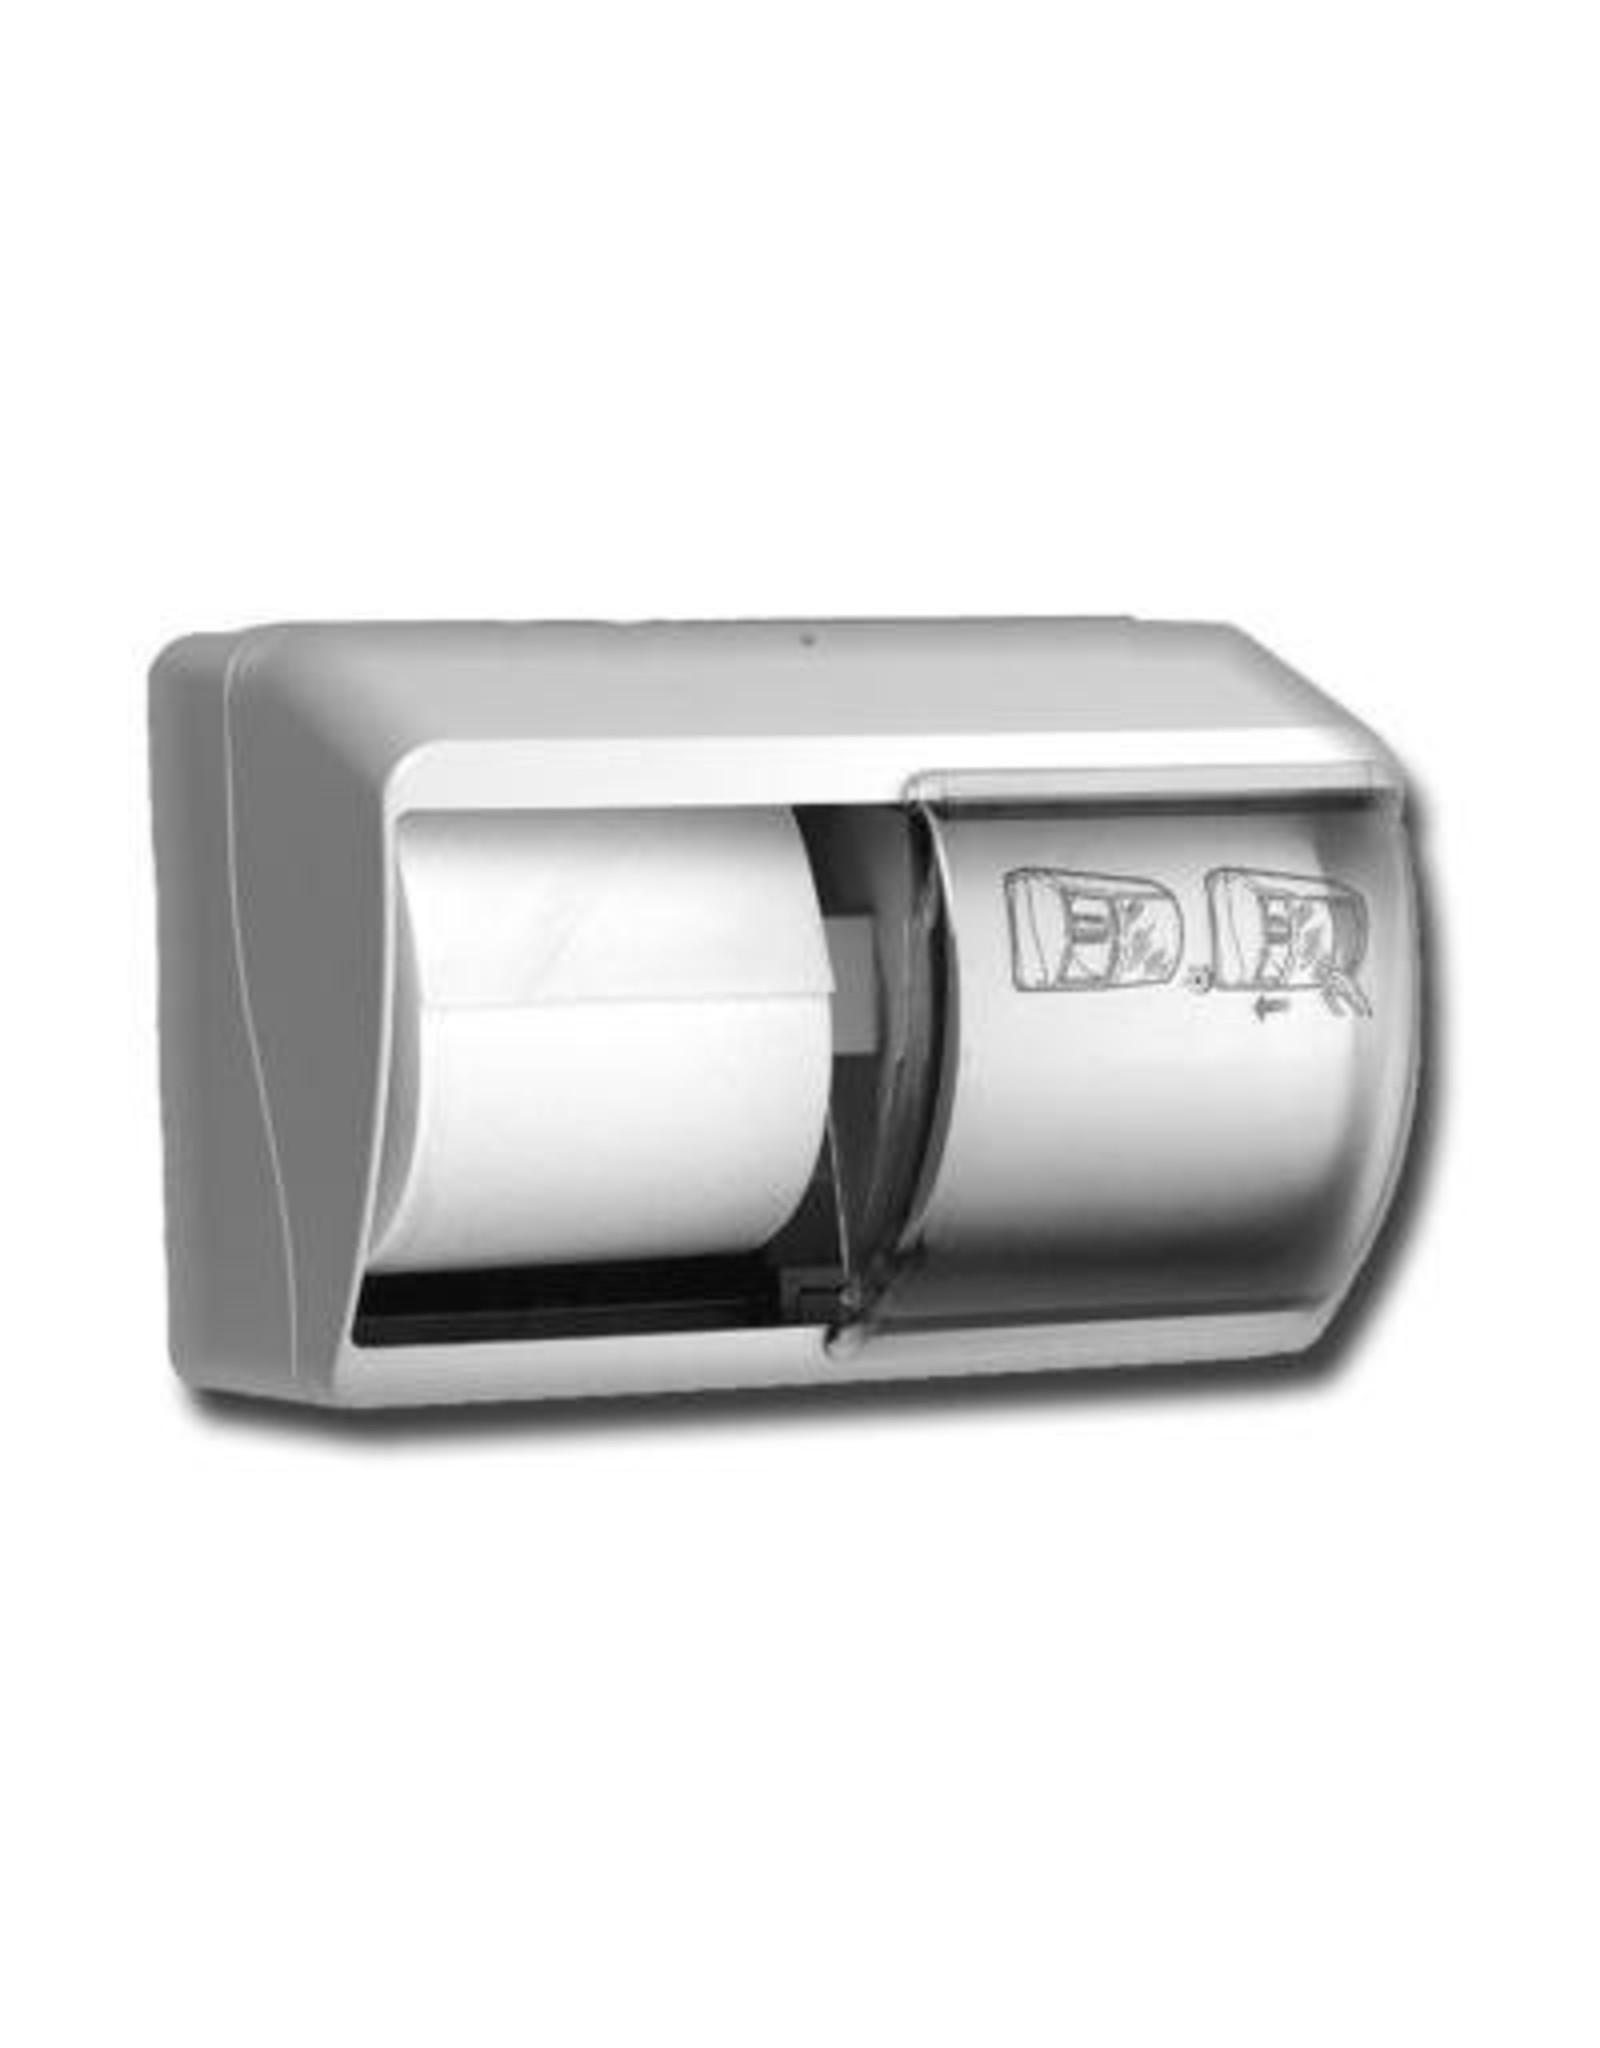 Dispenser Toiletpapier Duo traditioneel kunstof wit